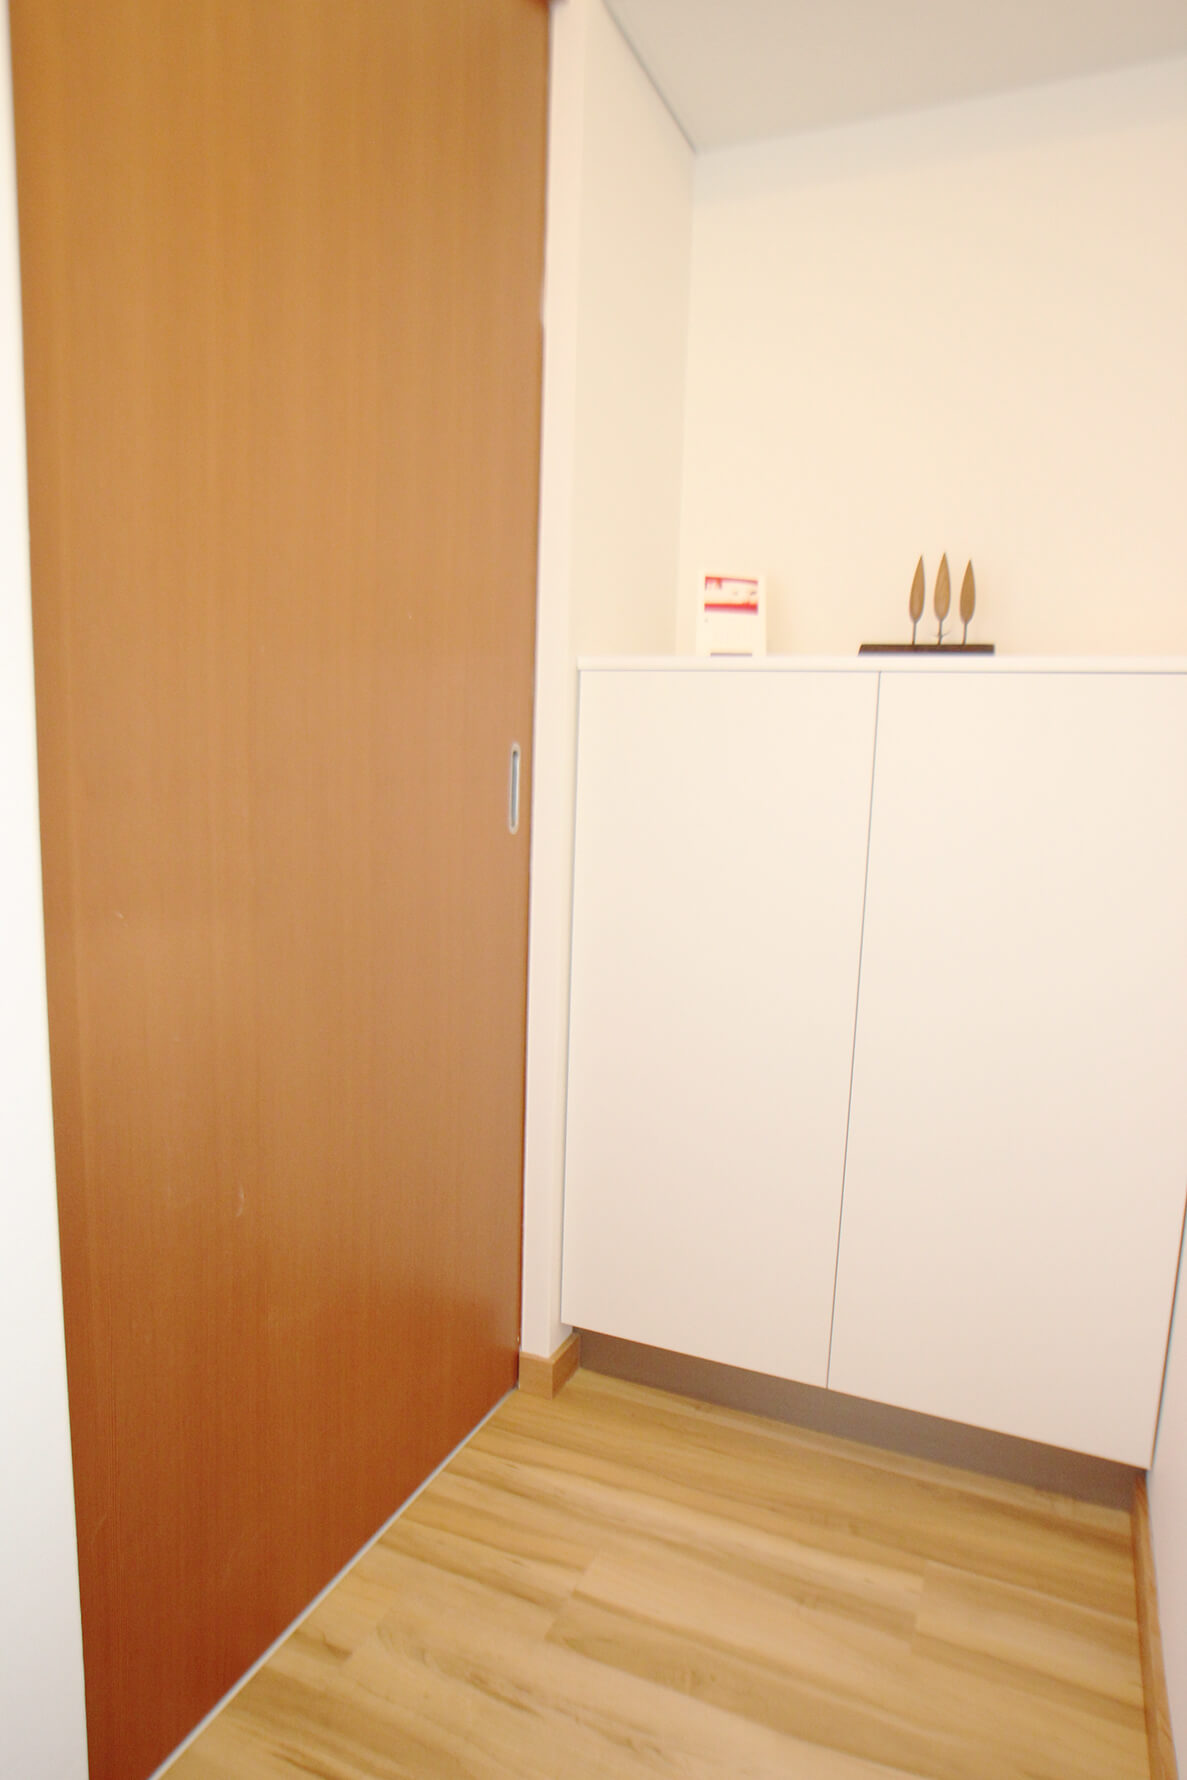 玄関と居室の間には引き戸があります。 こちらは脱走防止対策になりますにゃ。